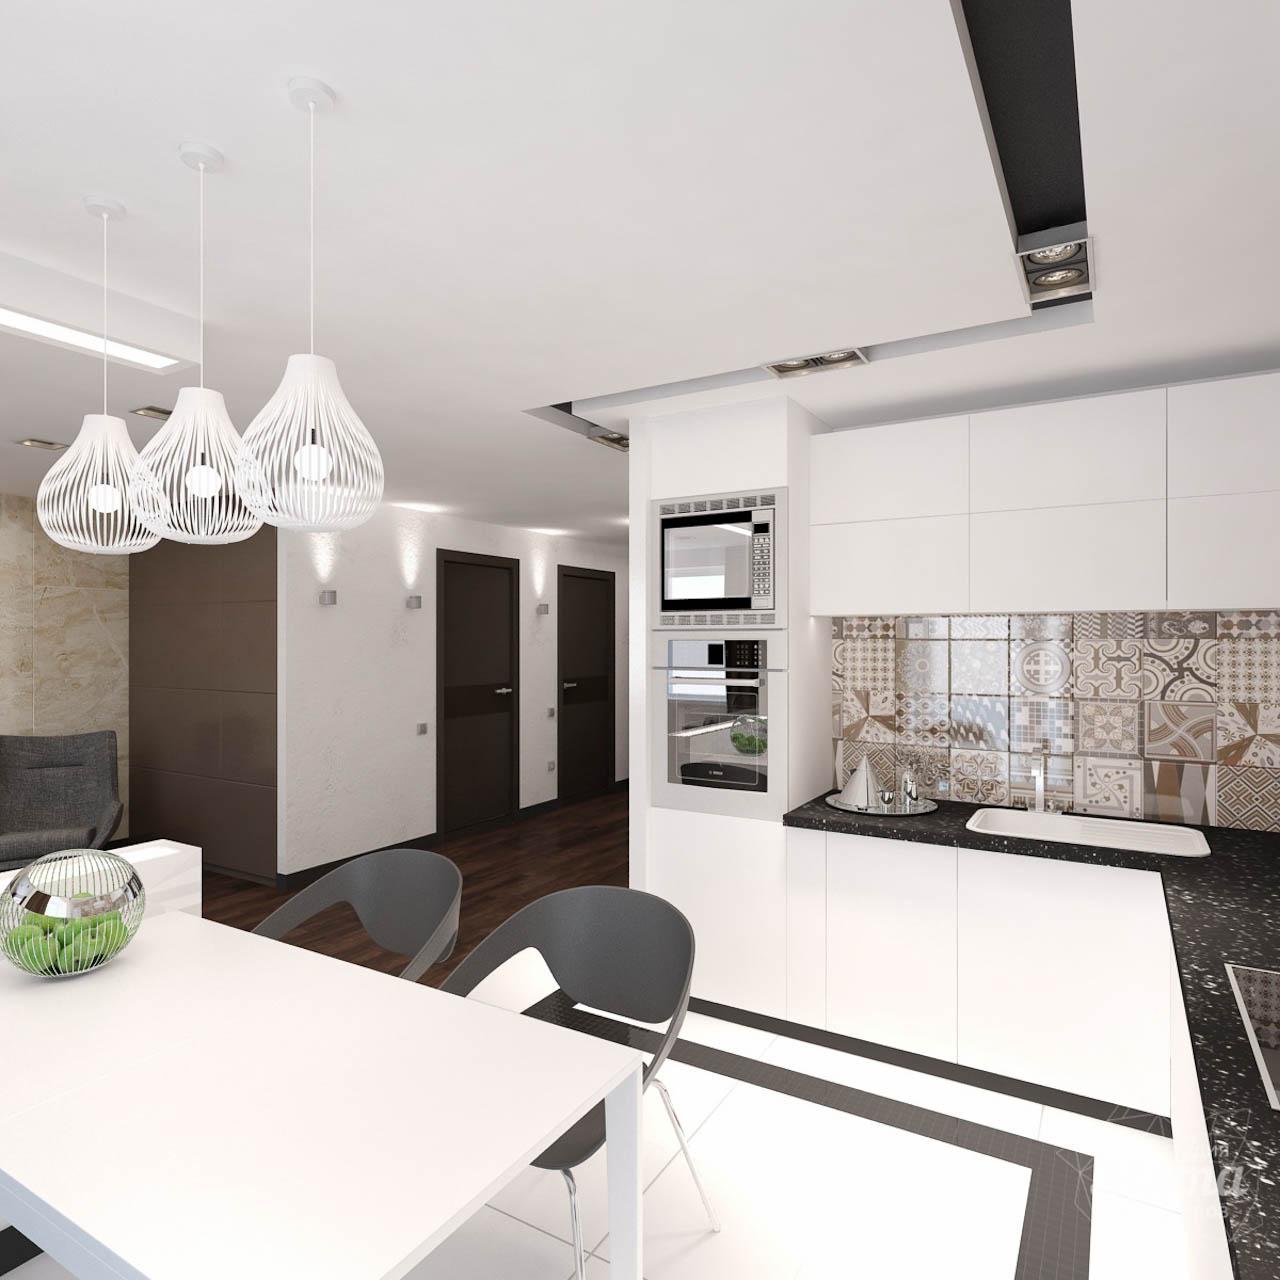 Дизайн интерьера однокомнатной квартиры по ул. Гагарина 27 img1610848999